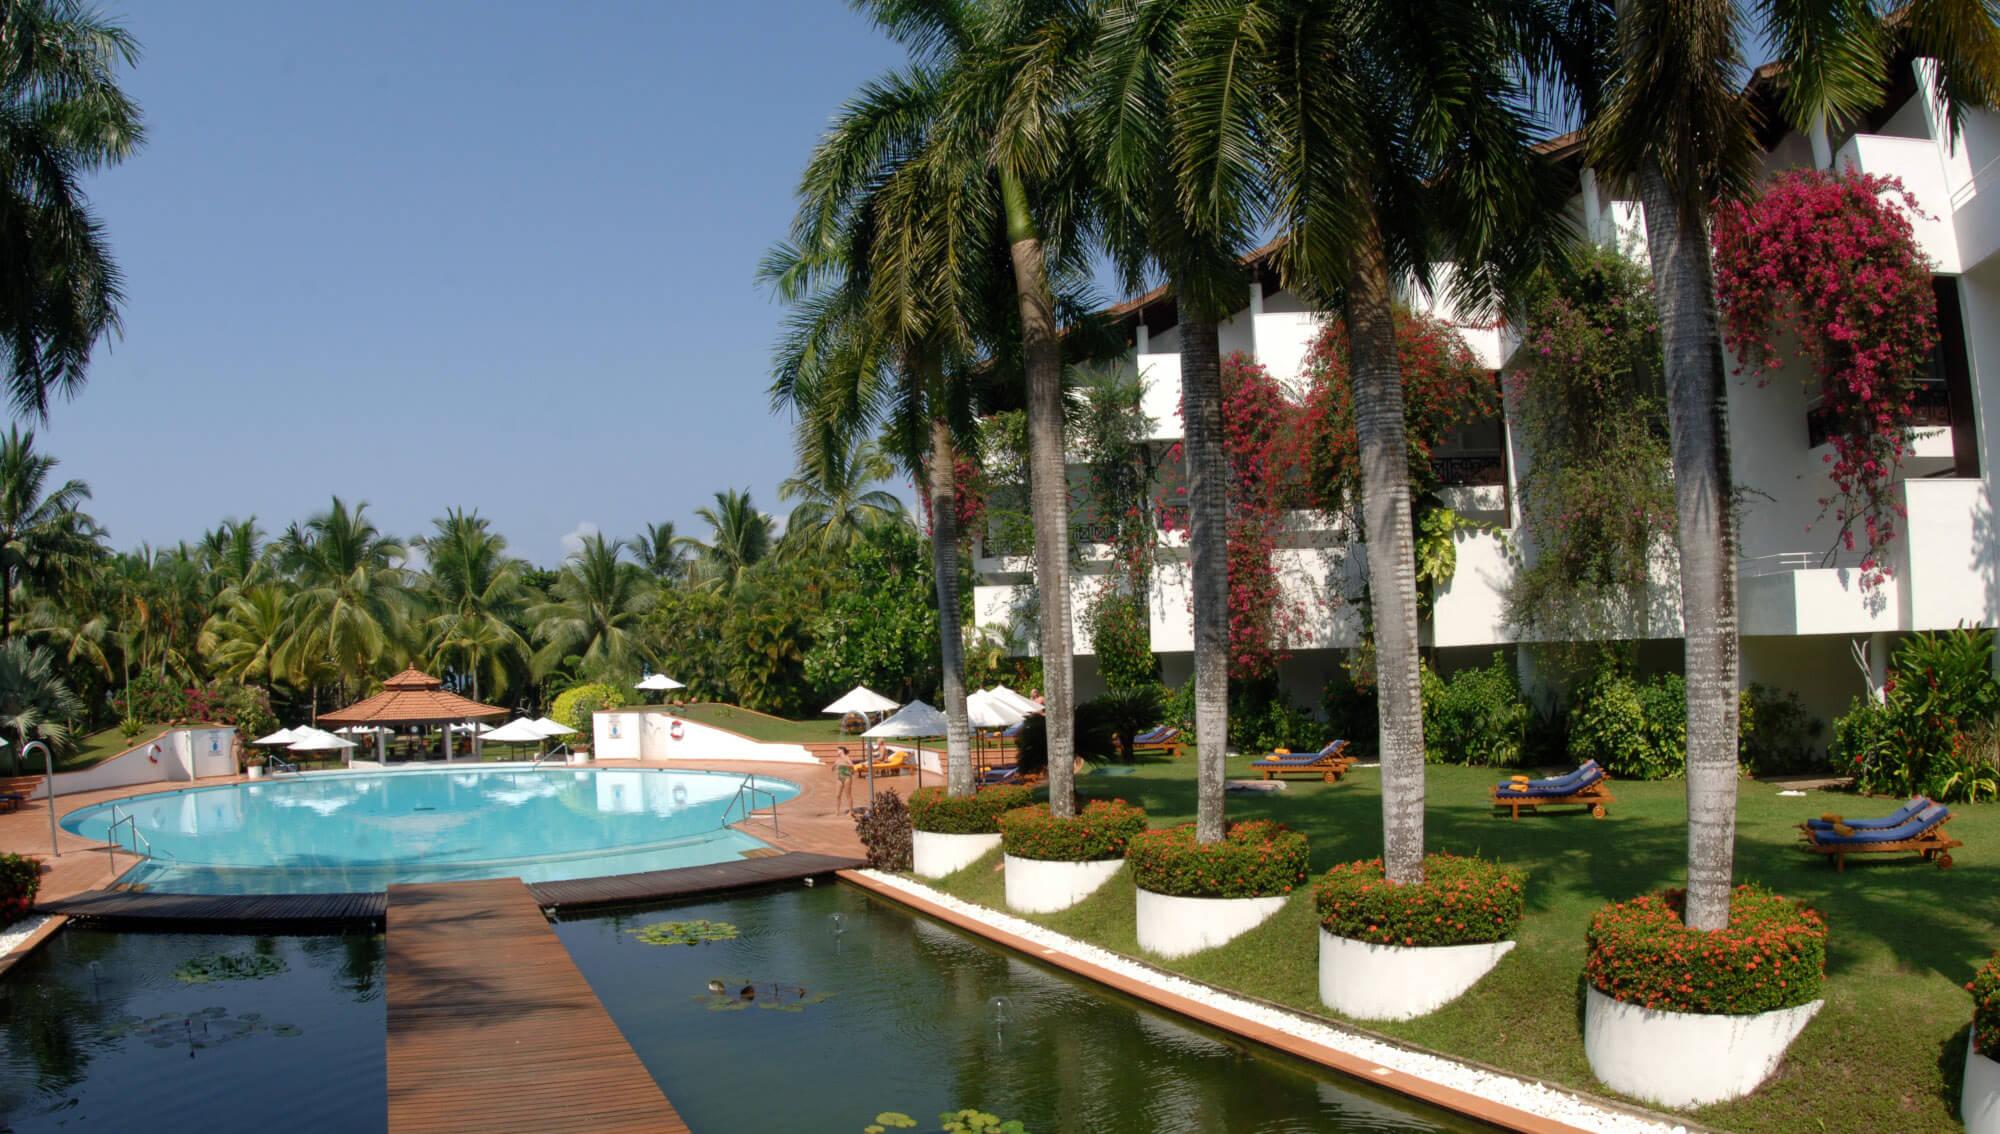 Pool Sri Lanka Lanka Princess